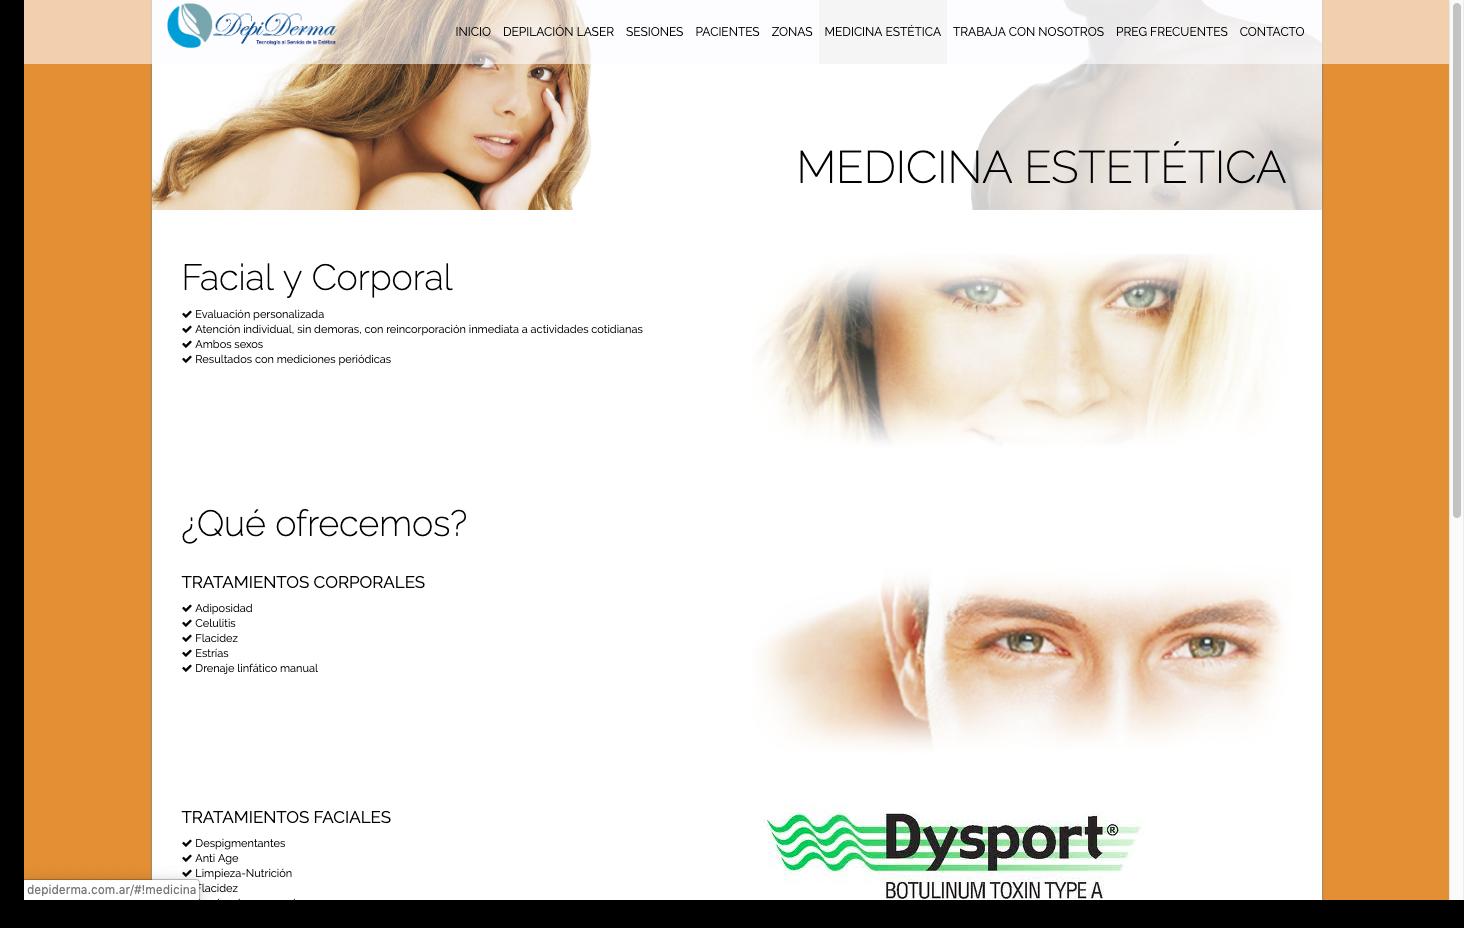 Depiderma.com.ar